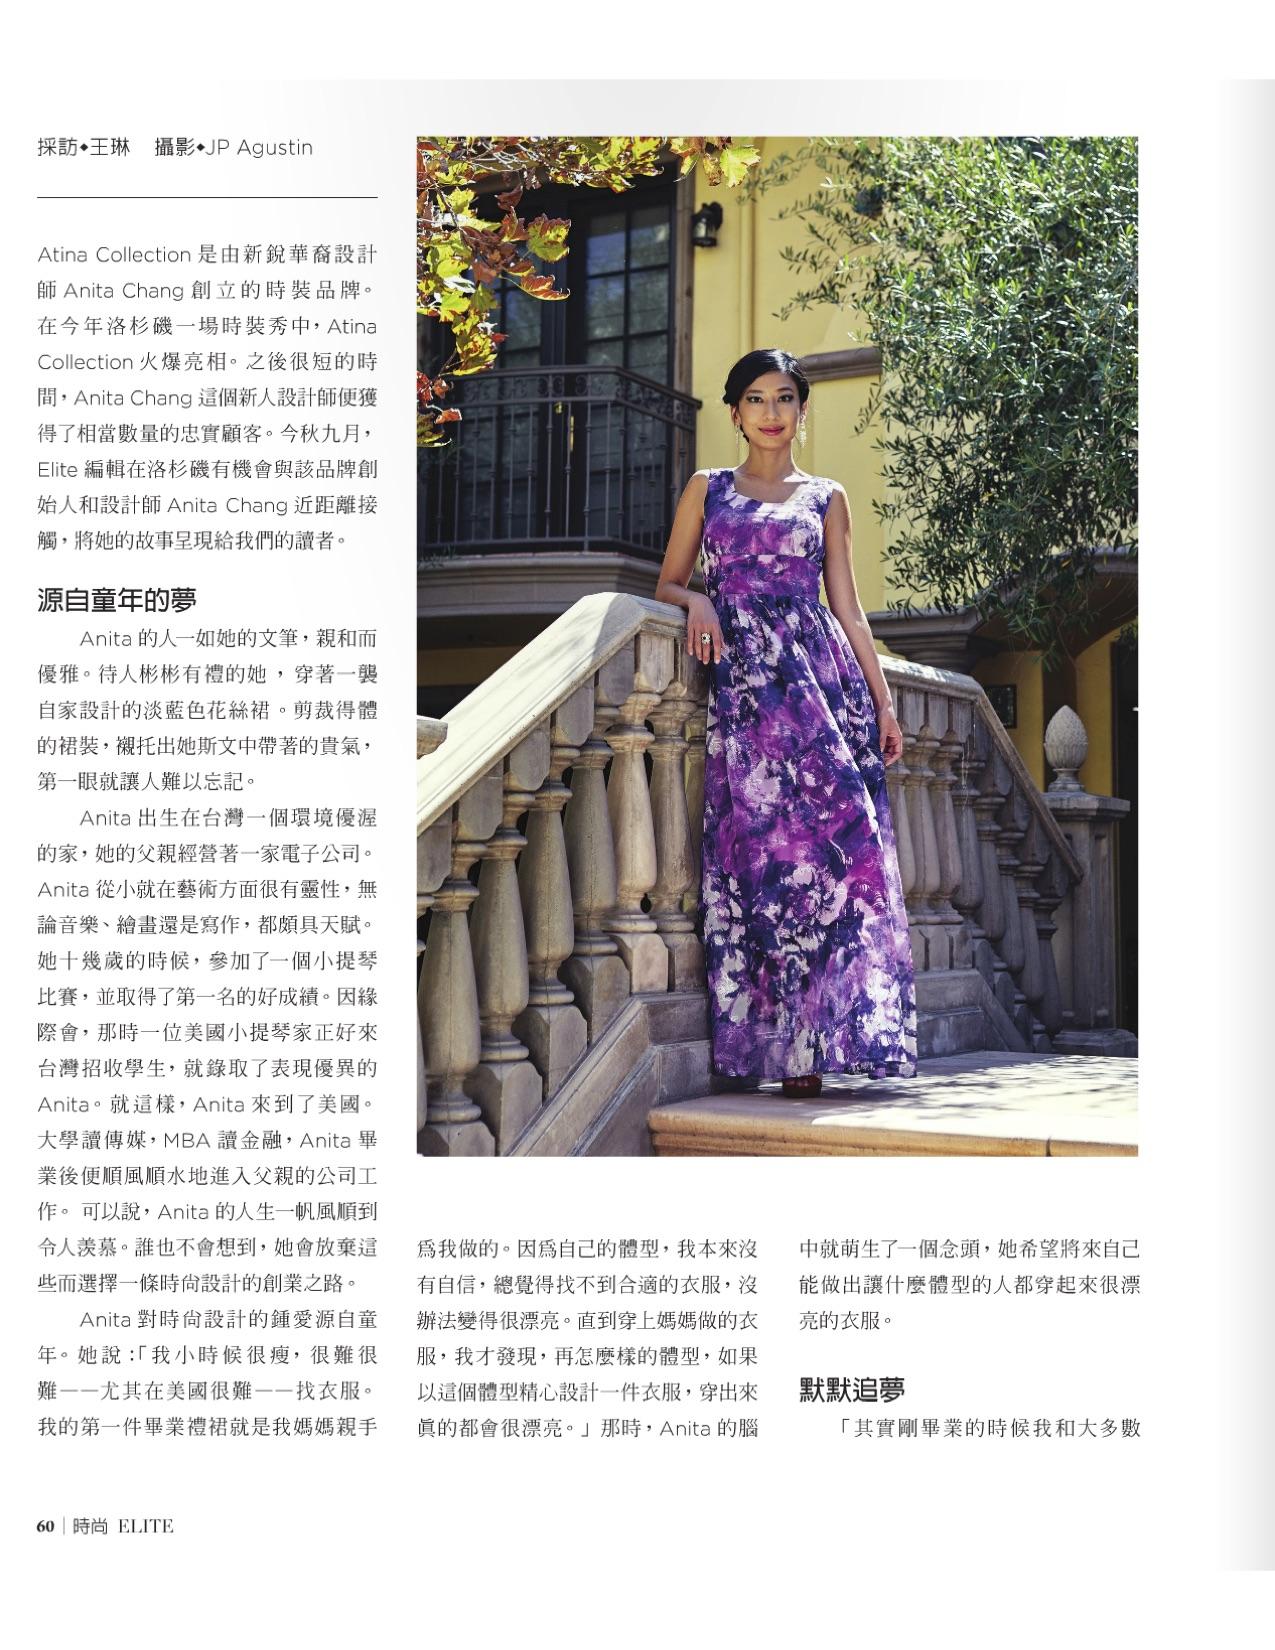 elite-magazine-interview-p2.jpg